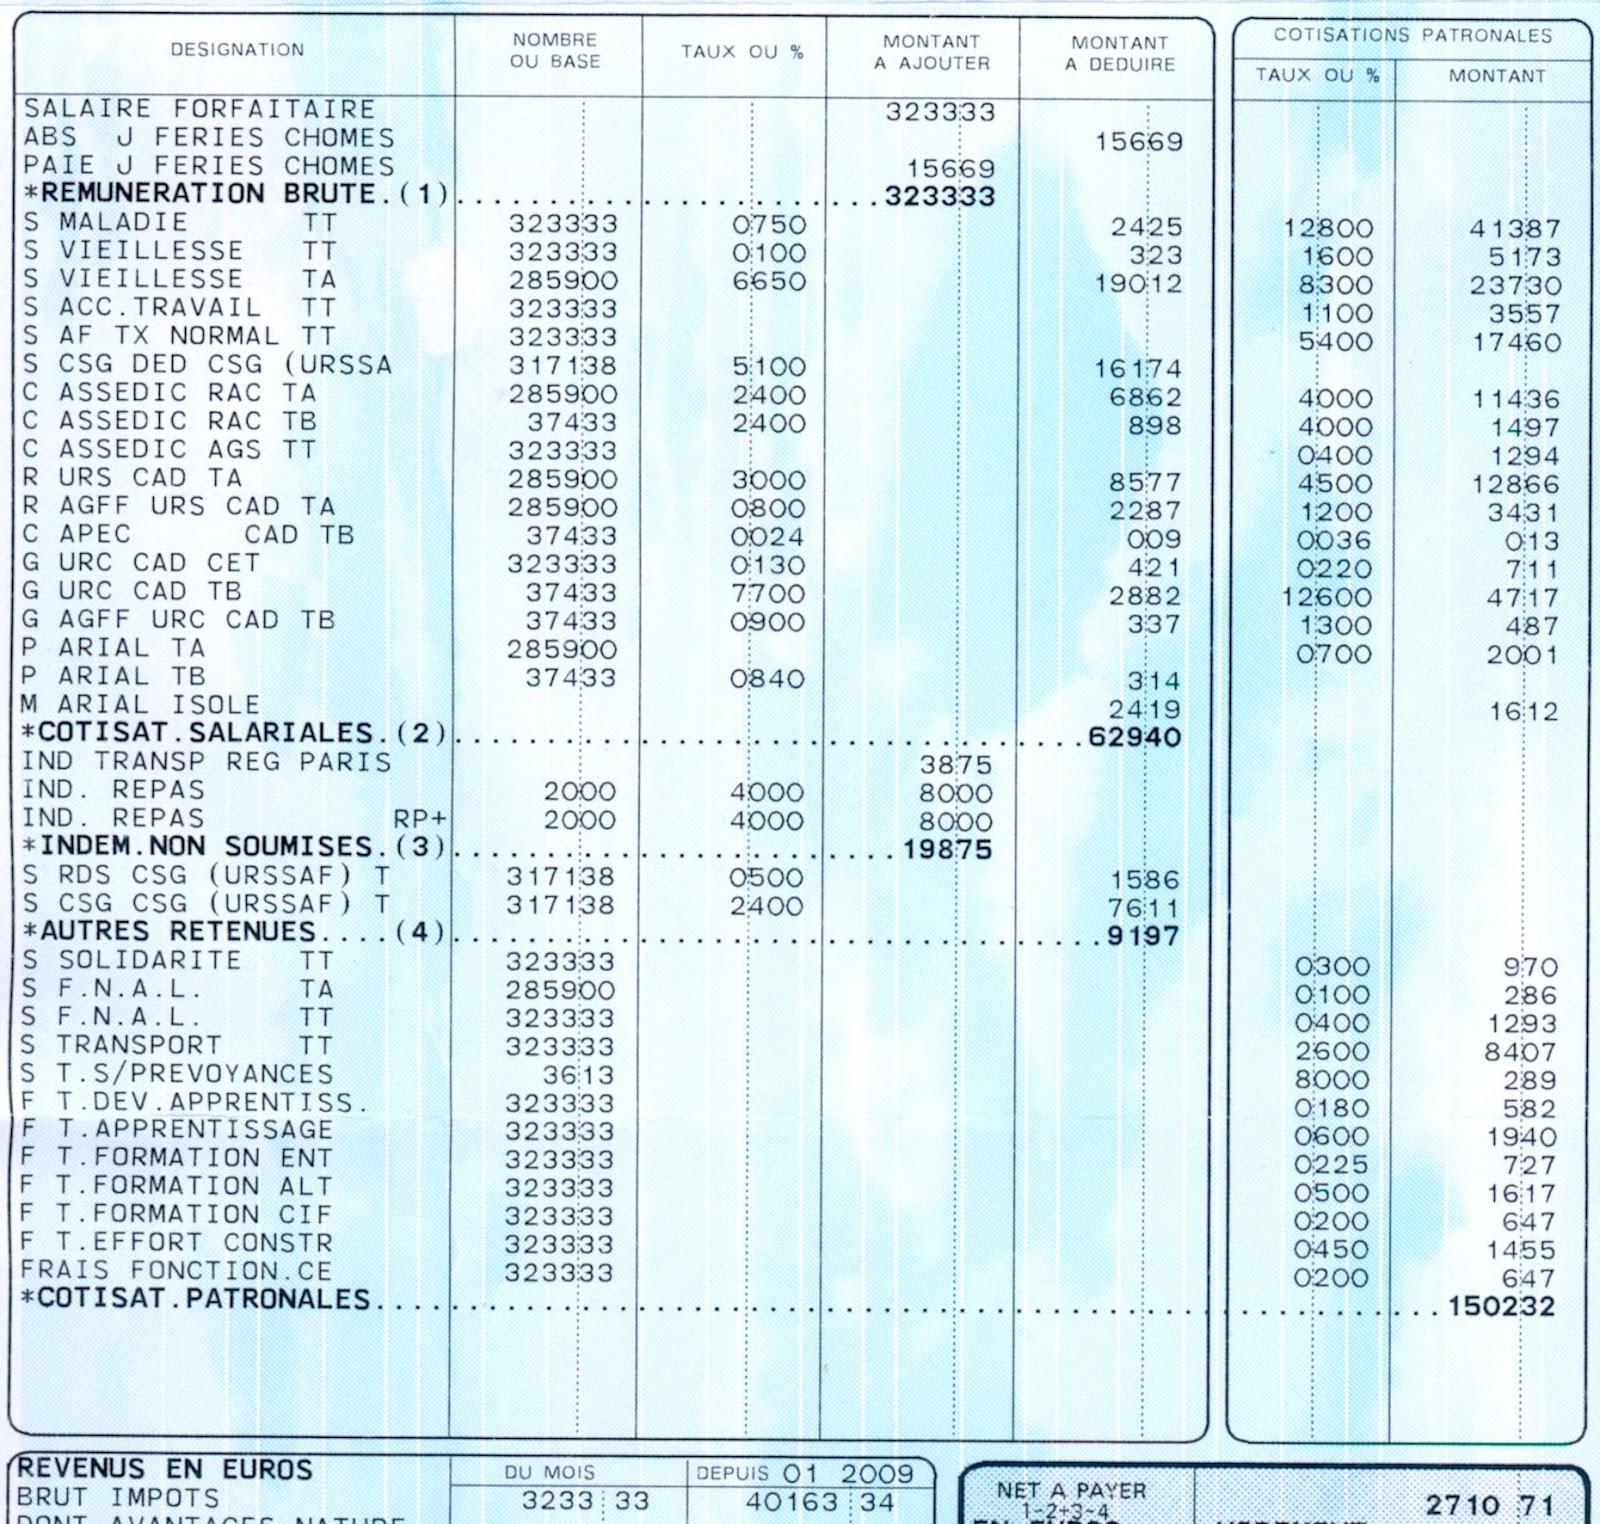 exemple bulletin de salaire avec subrogation